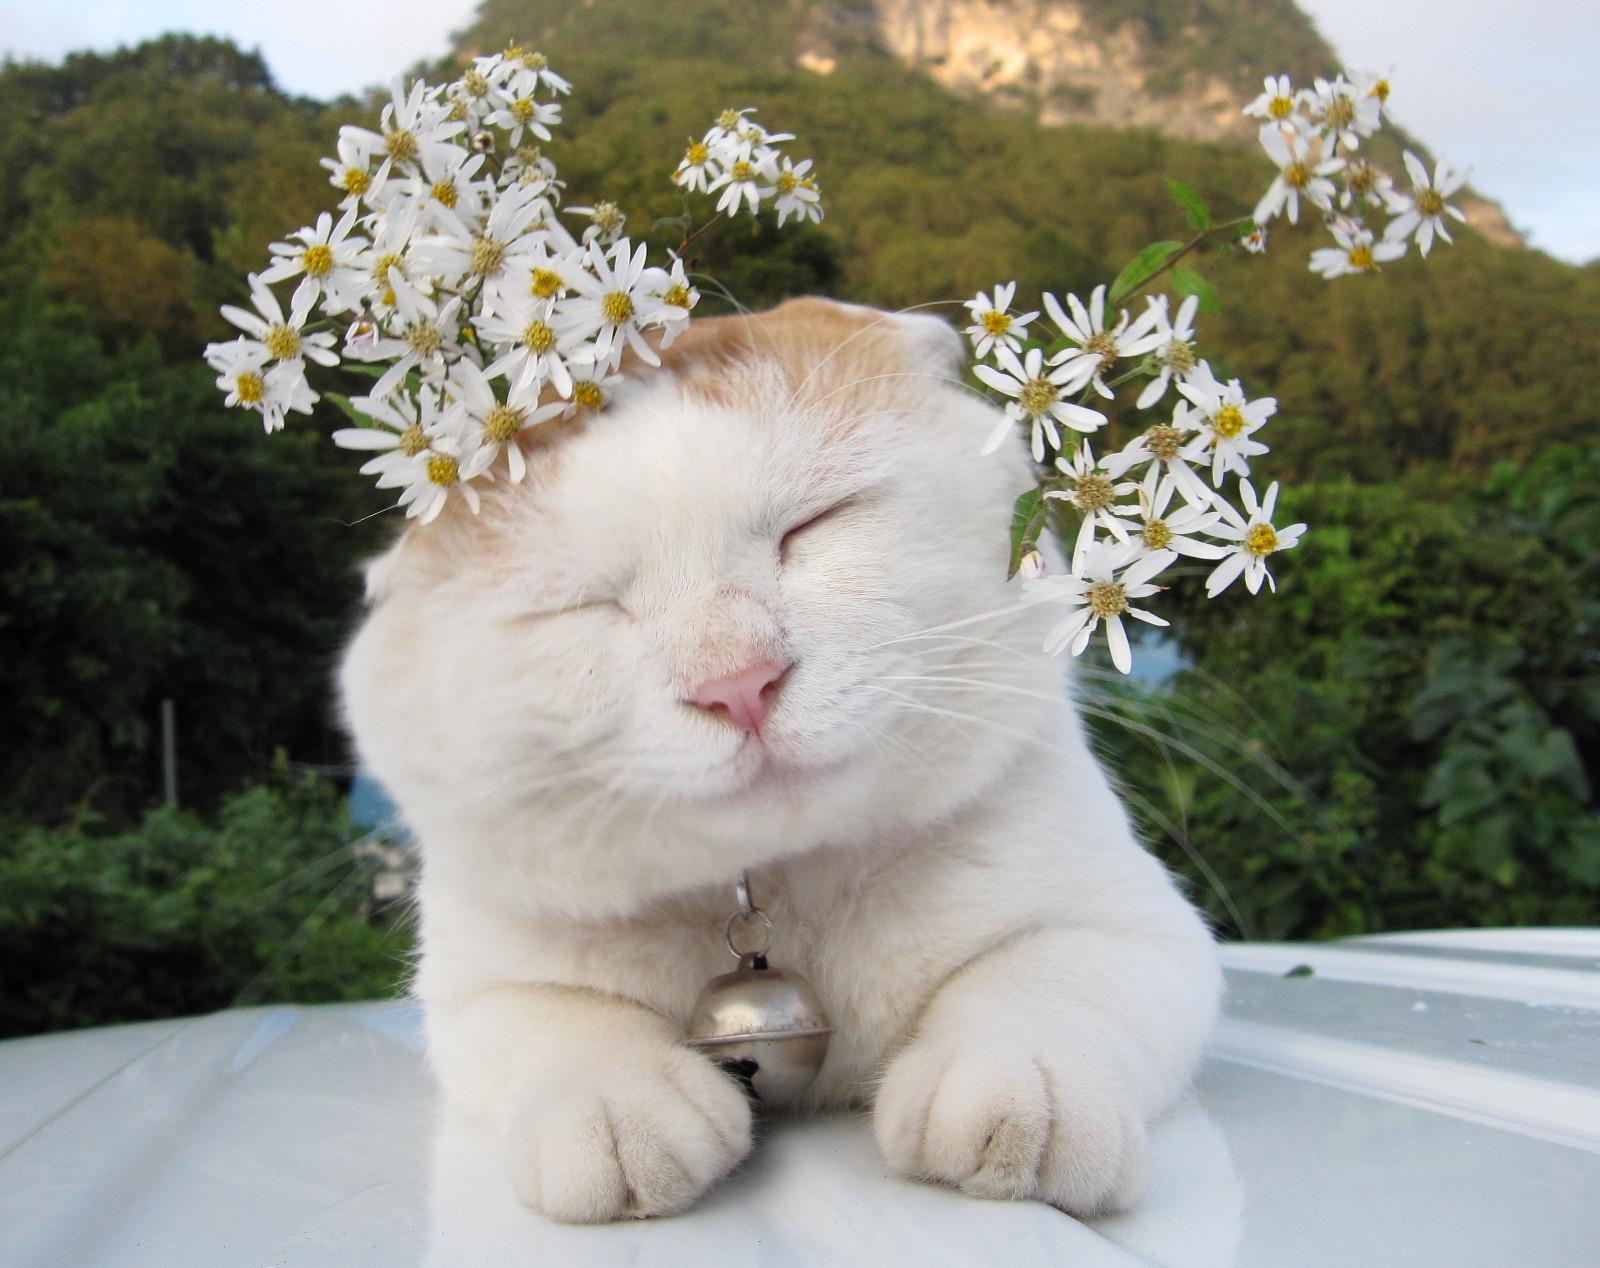 猫科猫属动物的统称